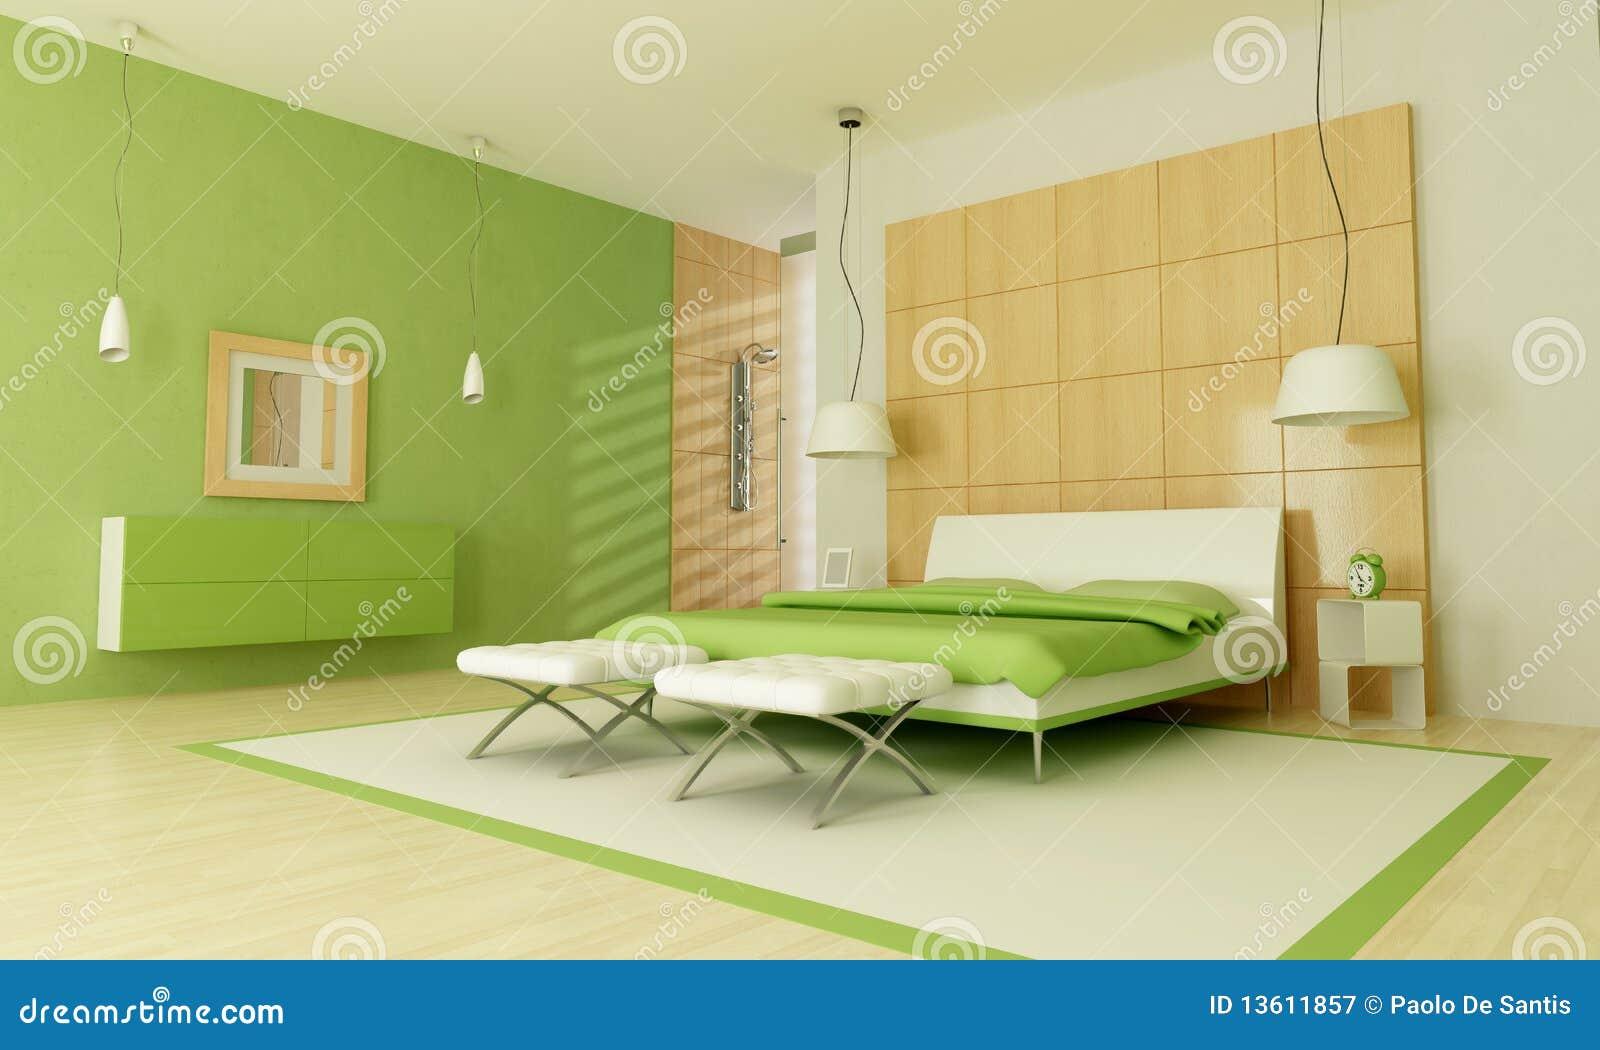 Camera da letto moderna verde illustrazione di stock immagine 13611857 - Camera da letto verde mela ...